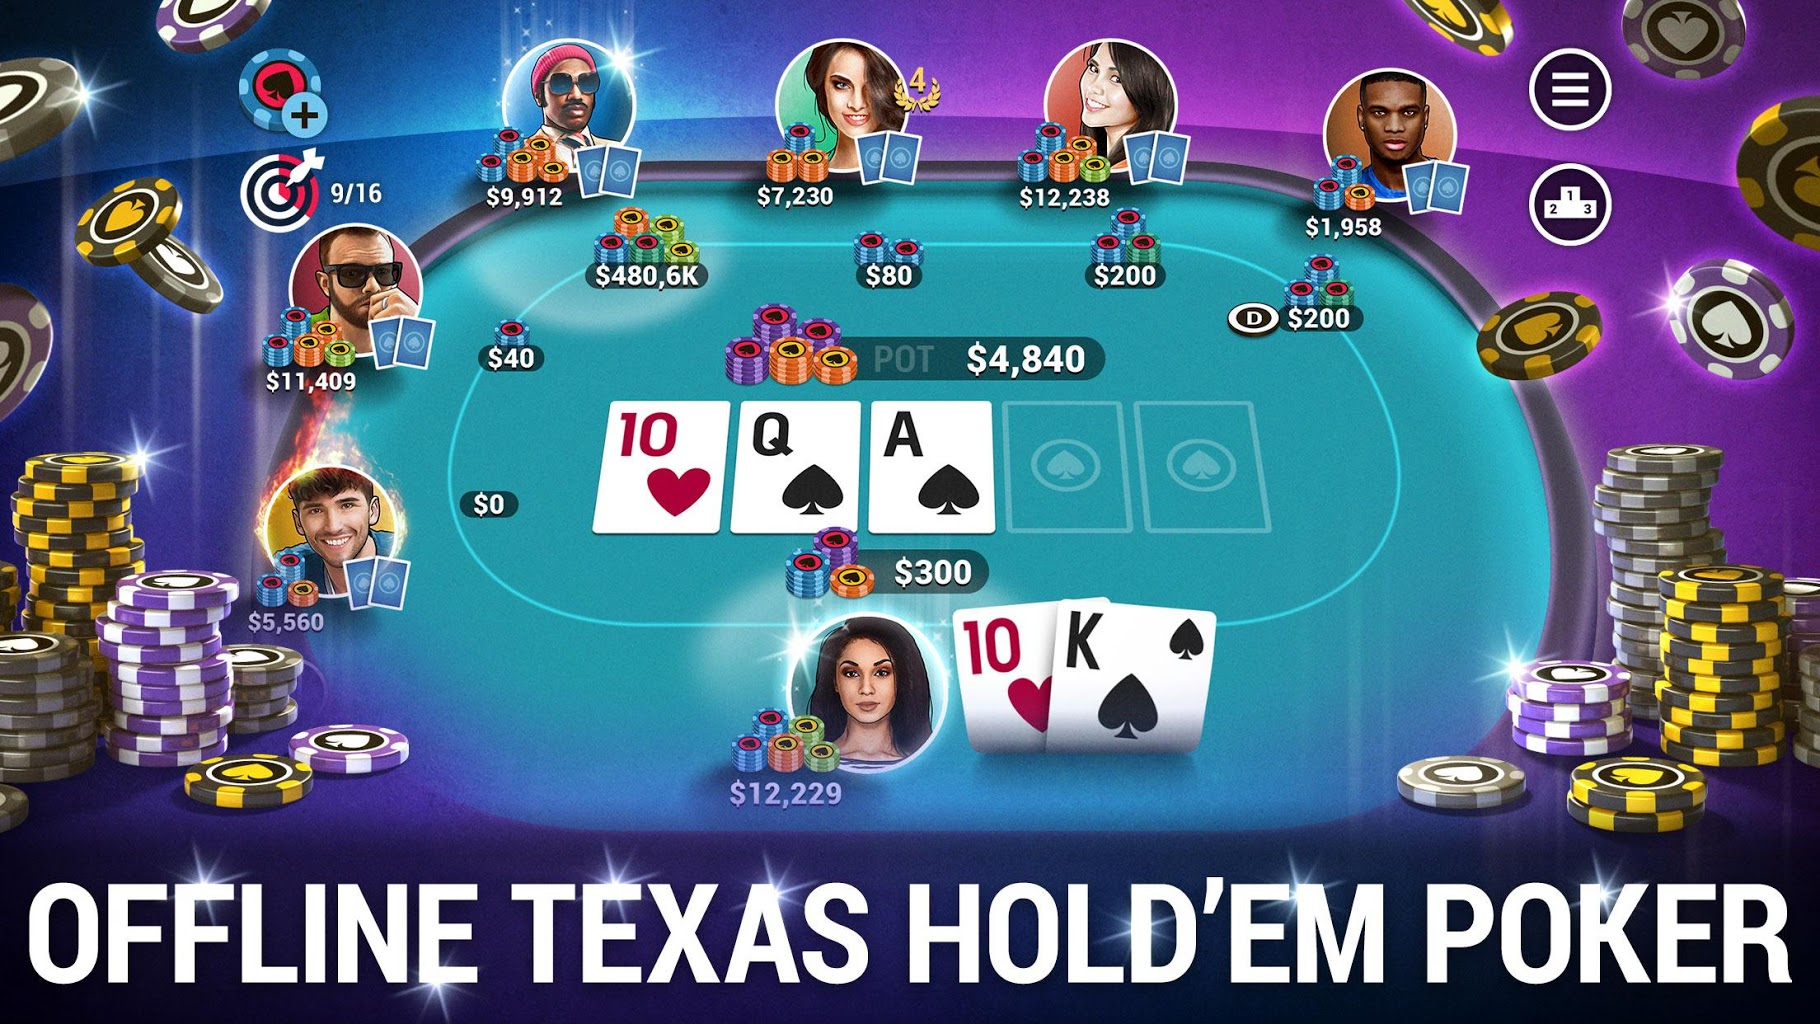 бесплатно скачать ворлд покер онлайн